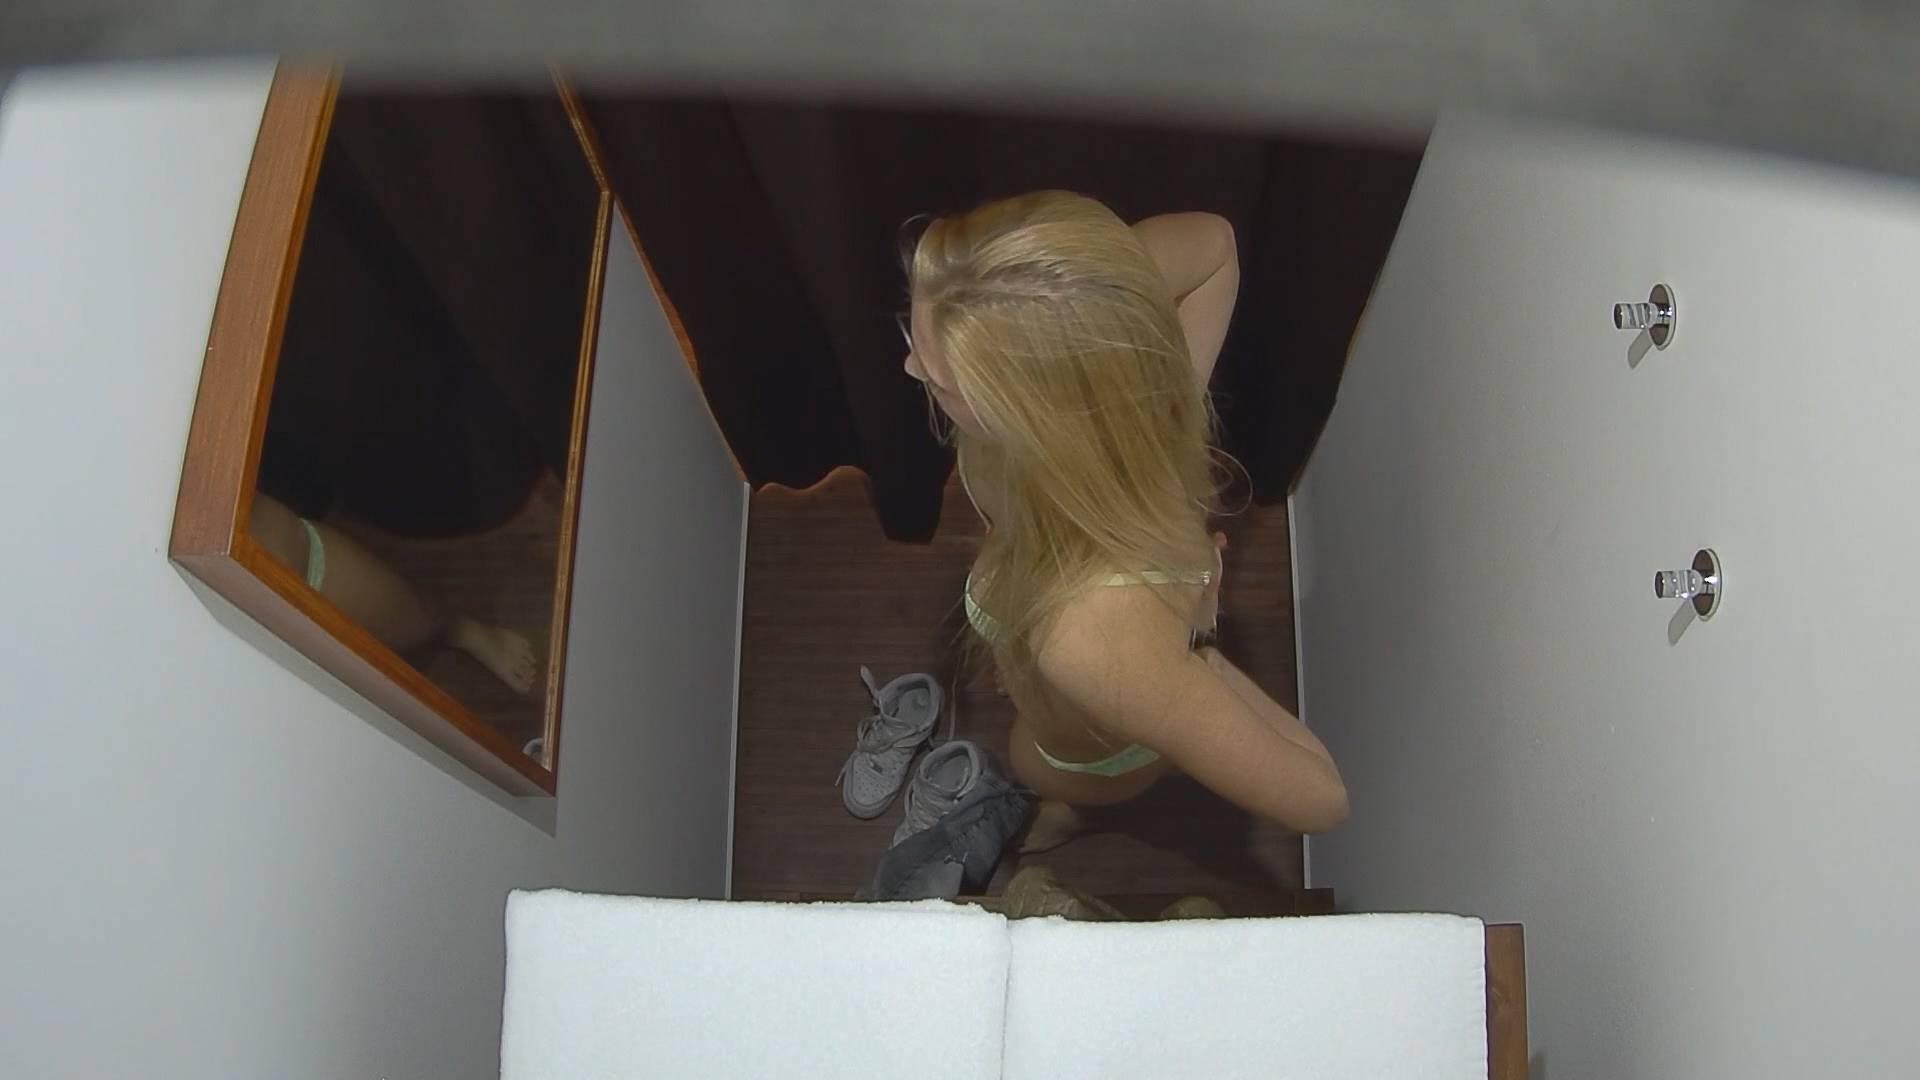 Как увидеть домового в квартире наяву?